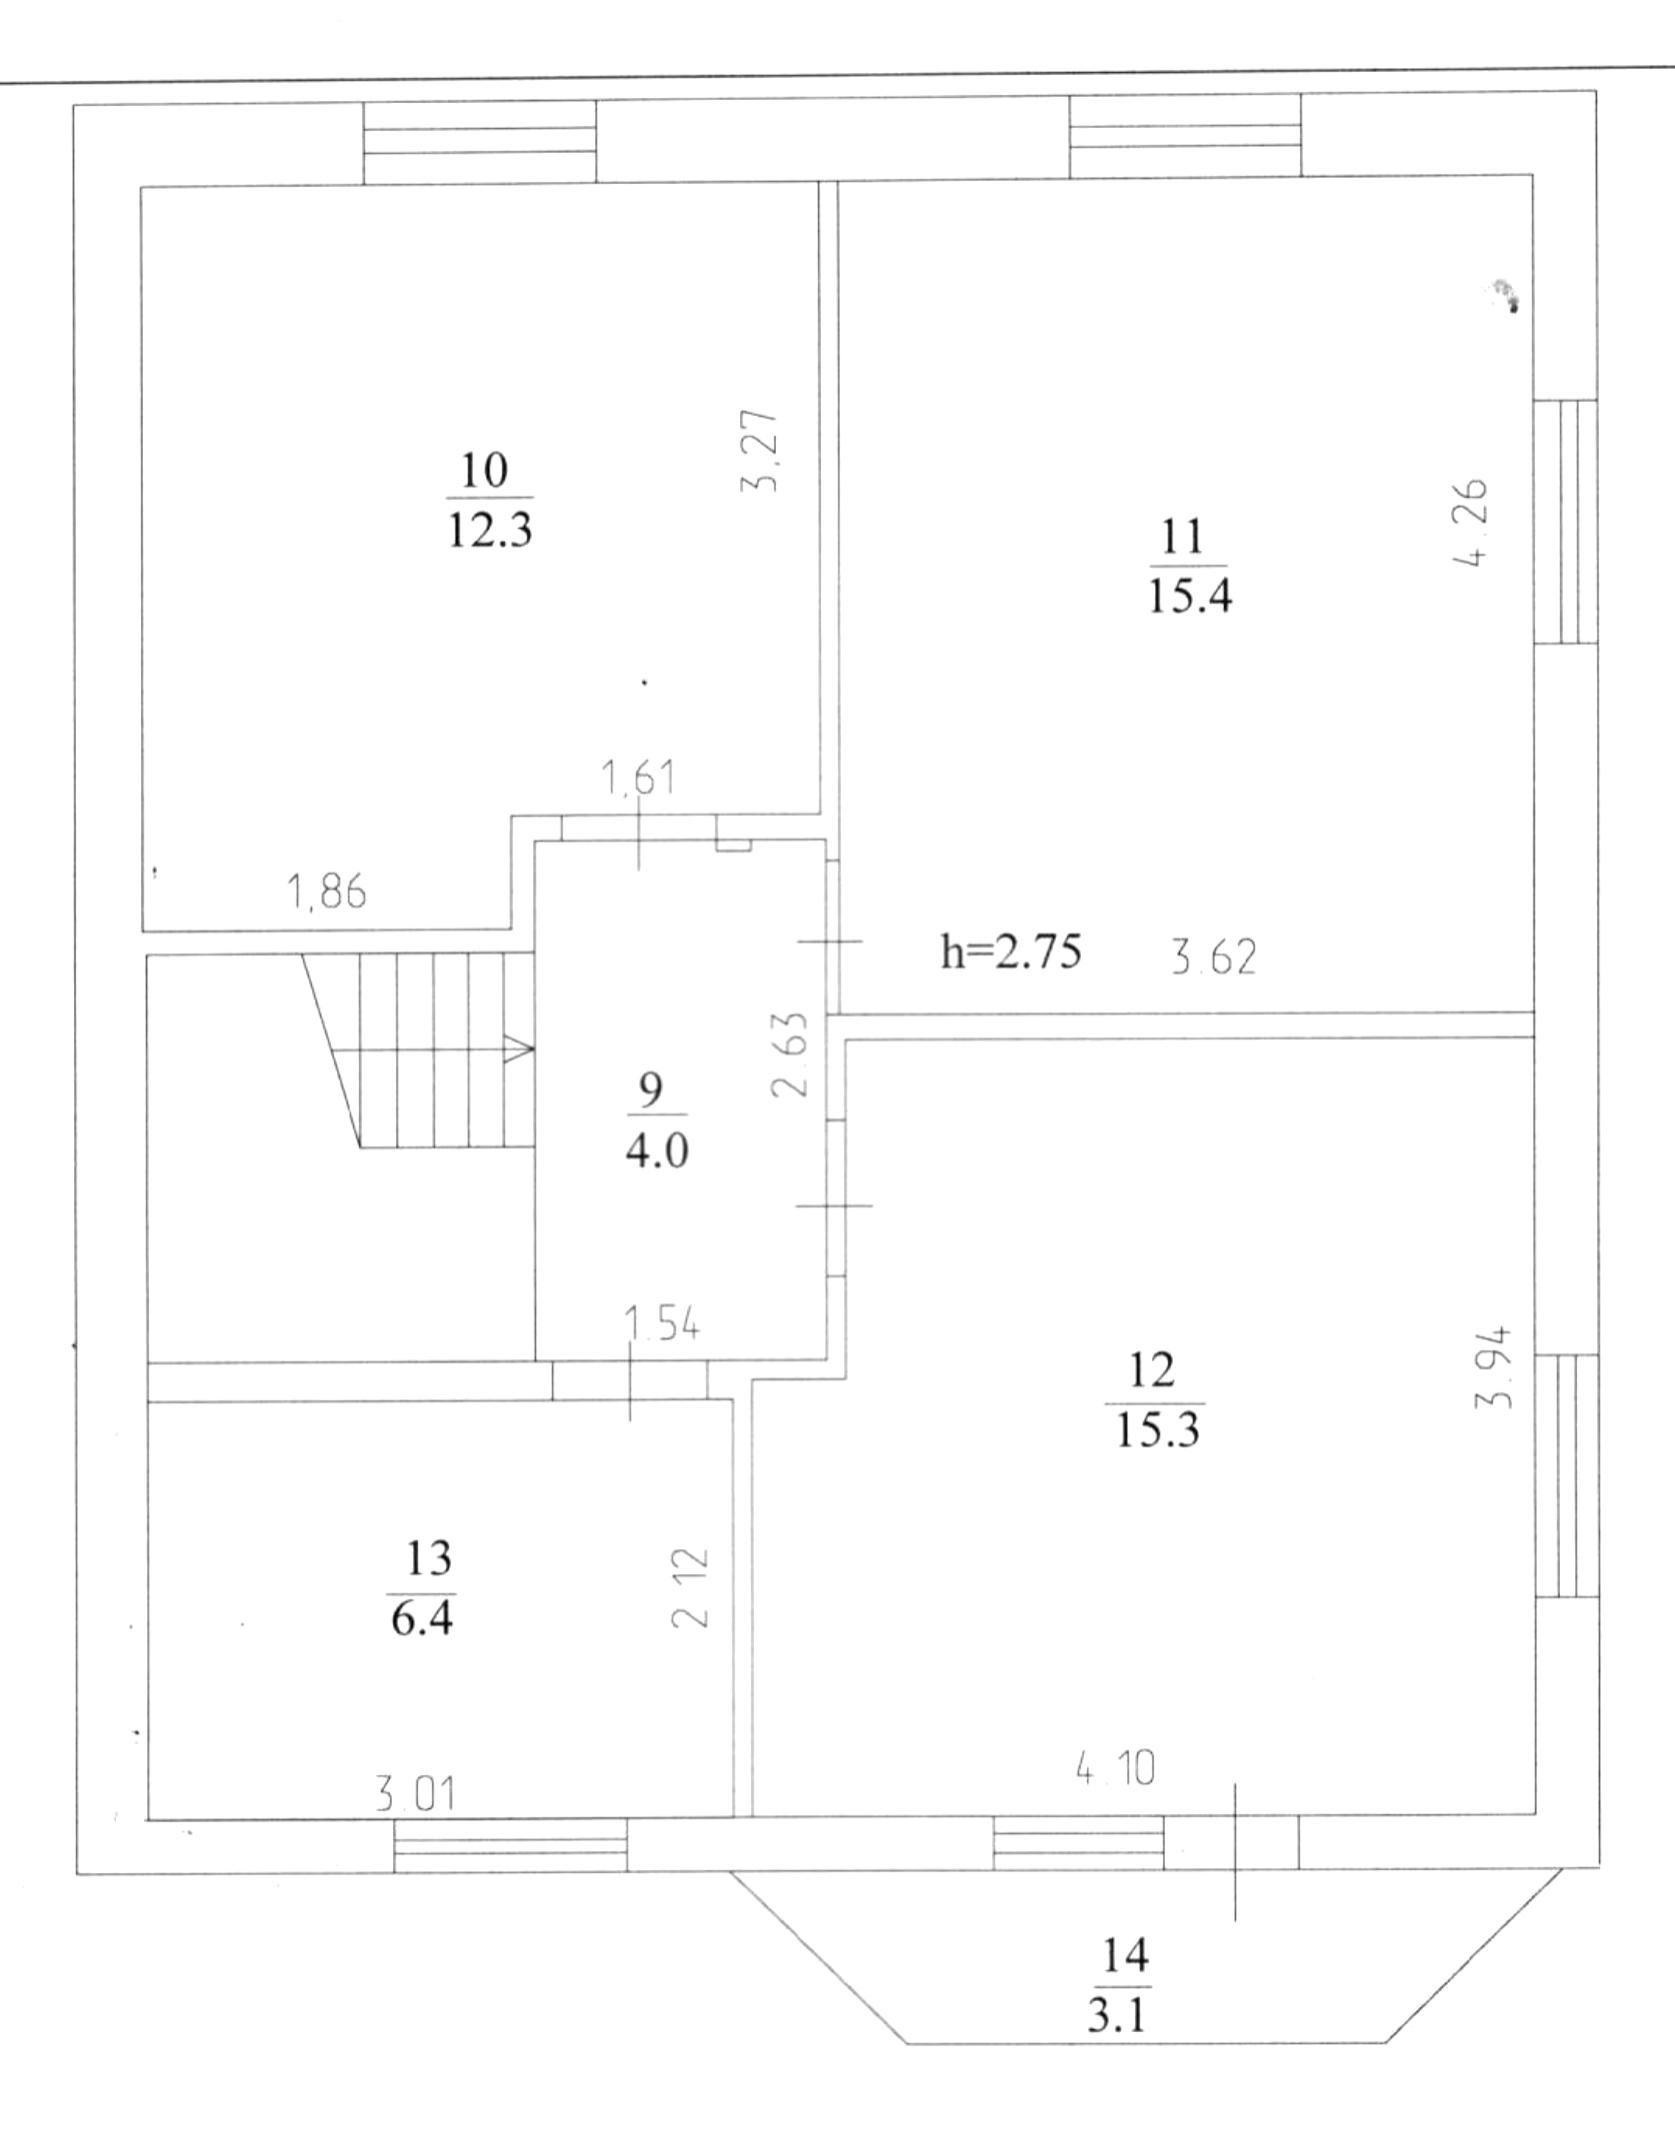 план 2 этаж 14 родное лесная поляна кемерово